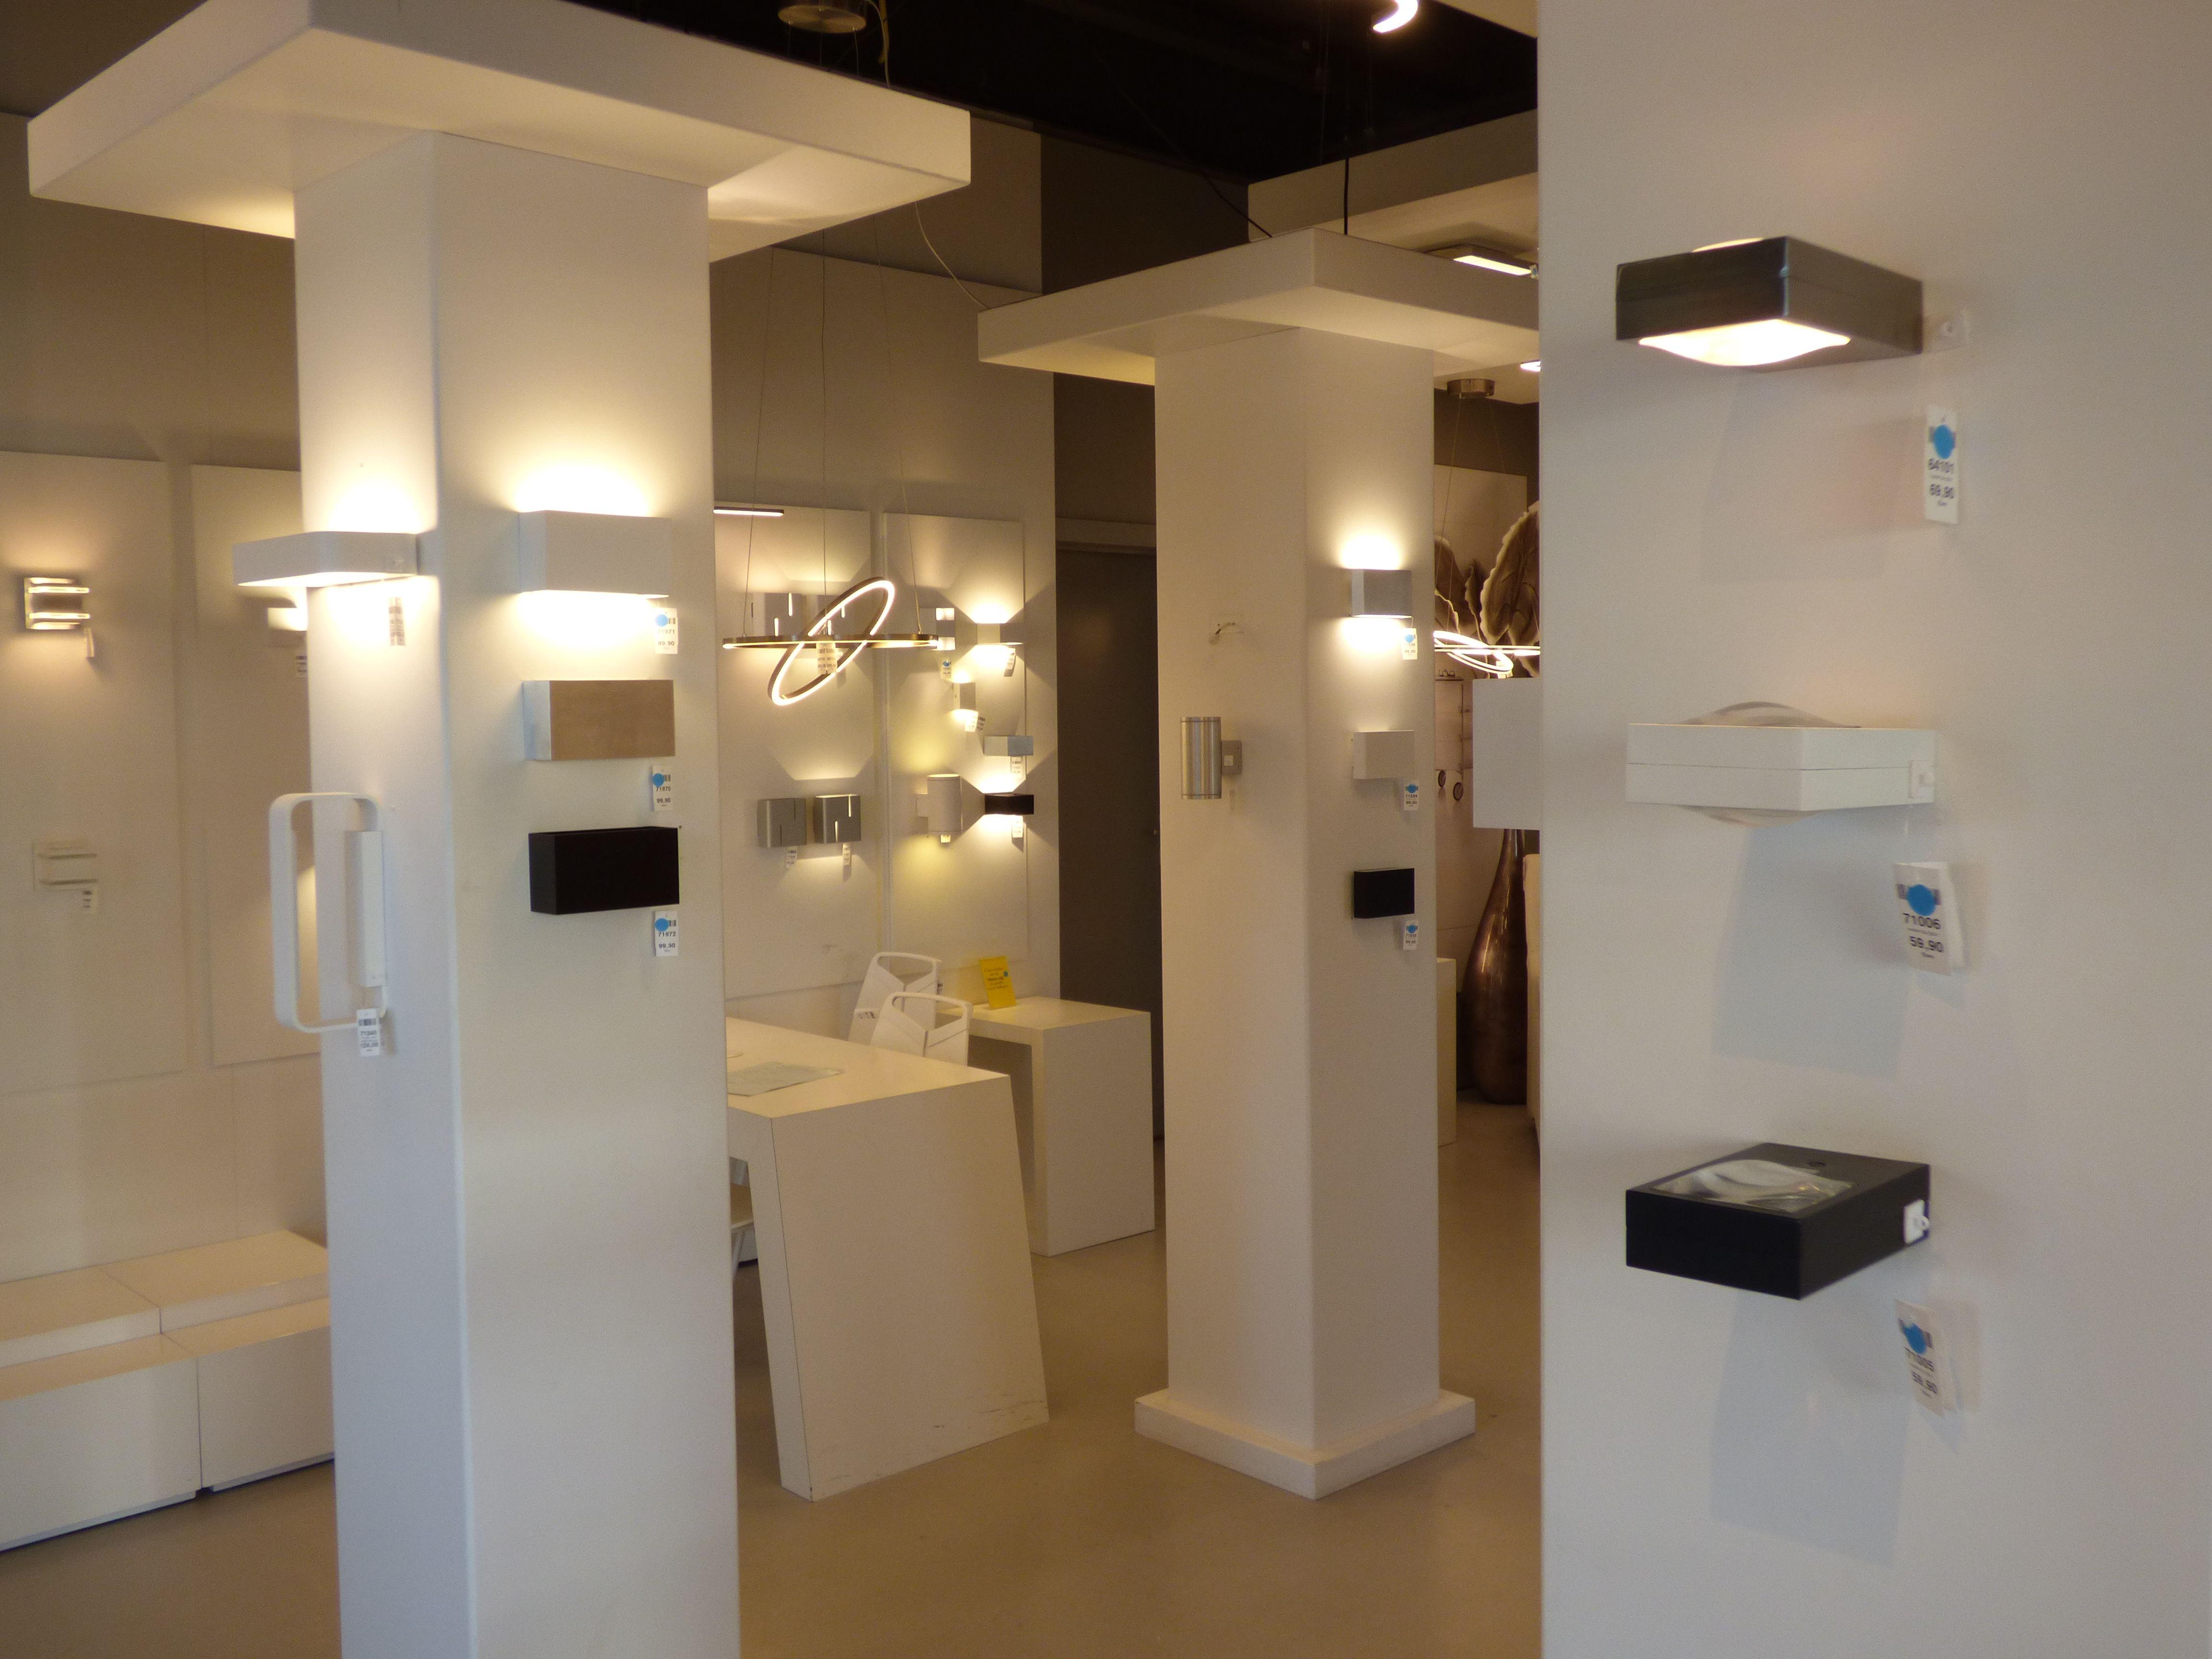 Spot Verlichting Woonkamer : Showroom winkel interieur verlichting design wanu nederland